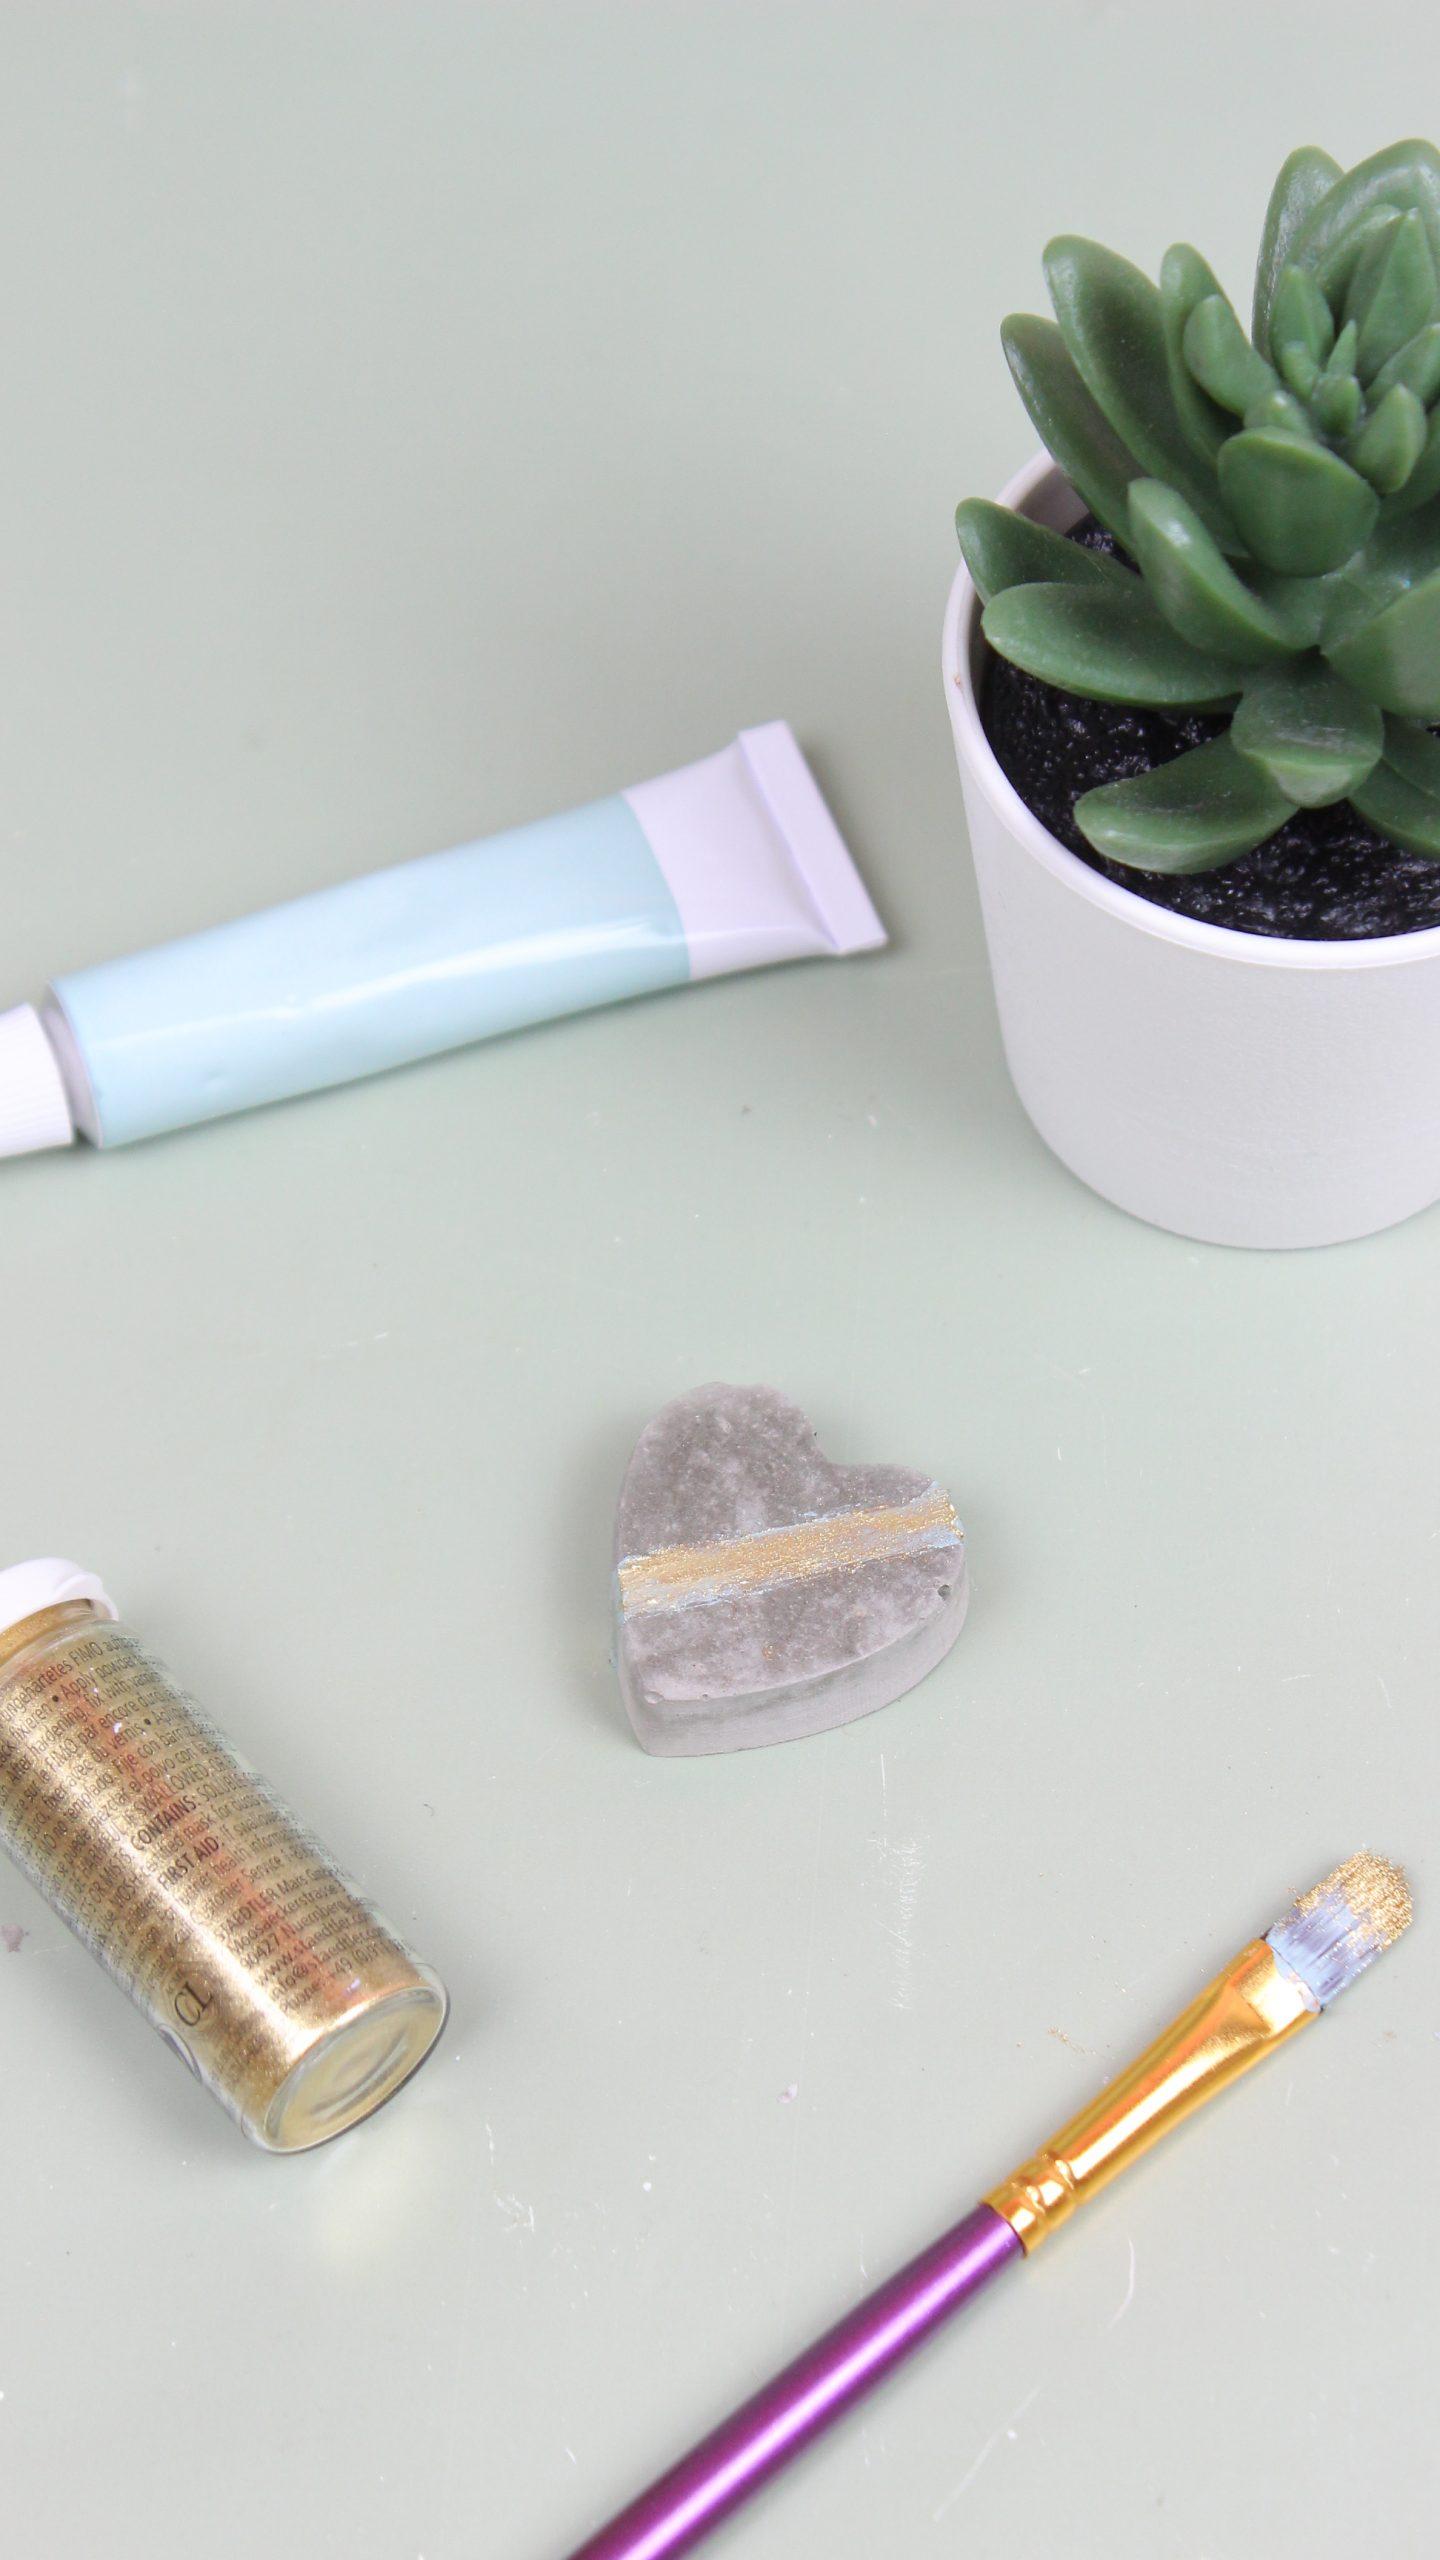 Basteln mit Beton - Magnet basteln